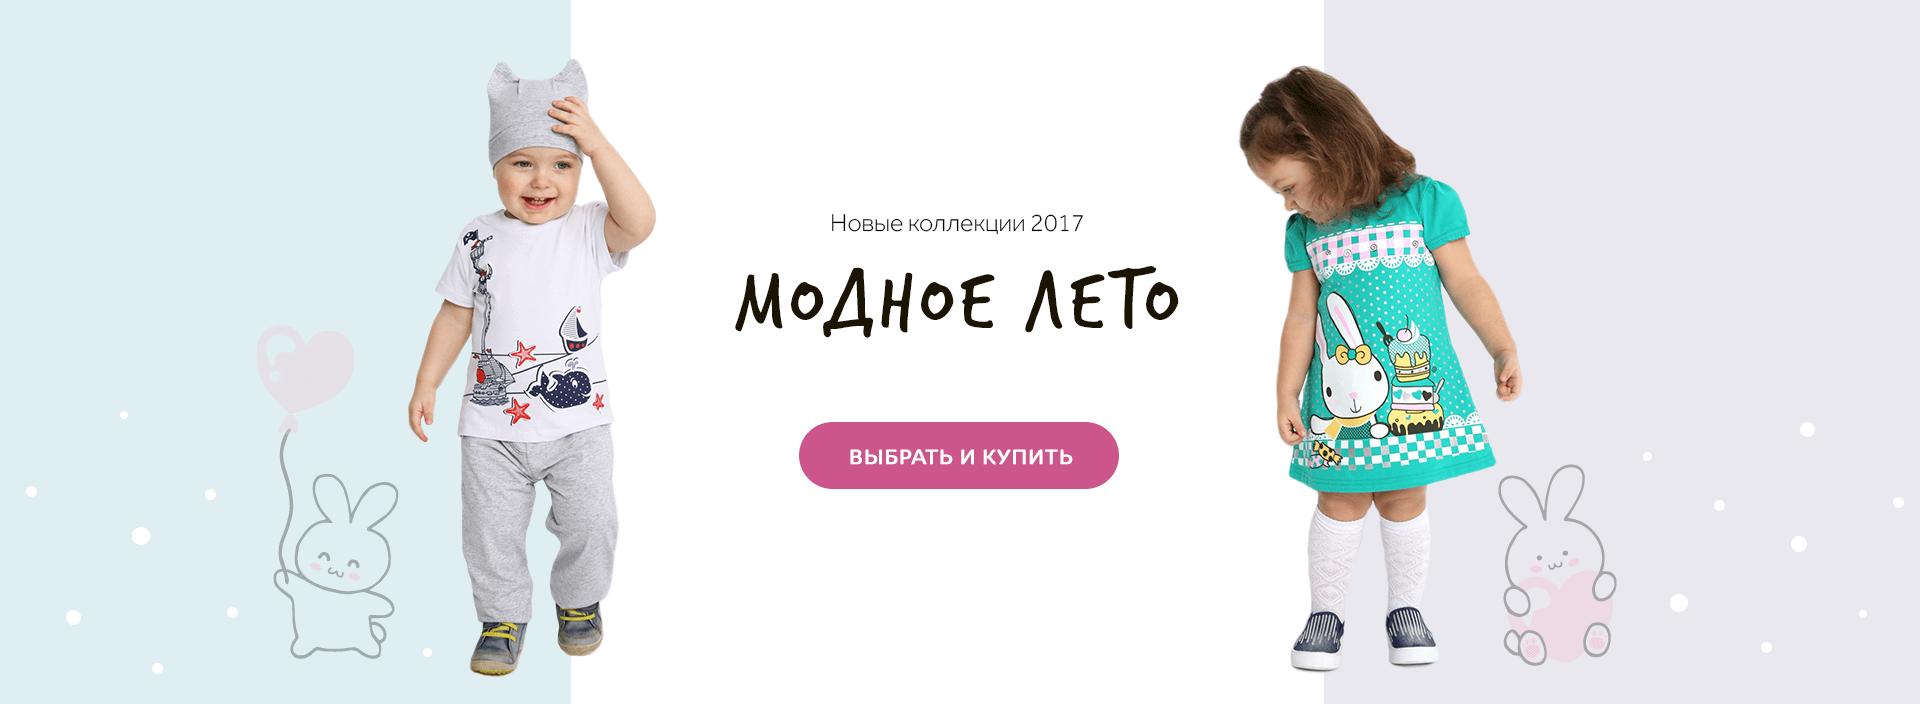 Детская одежда в интернет-магазине «EVA»   «ЕВА»   «evastyle.by» 486df3d0447